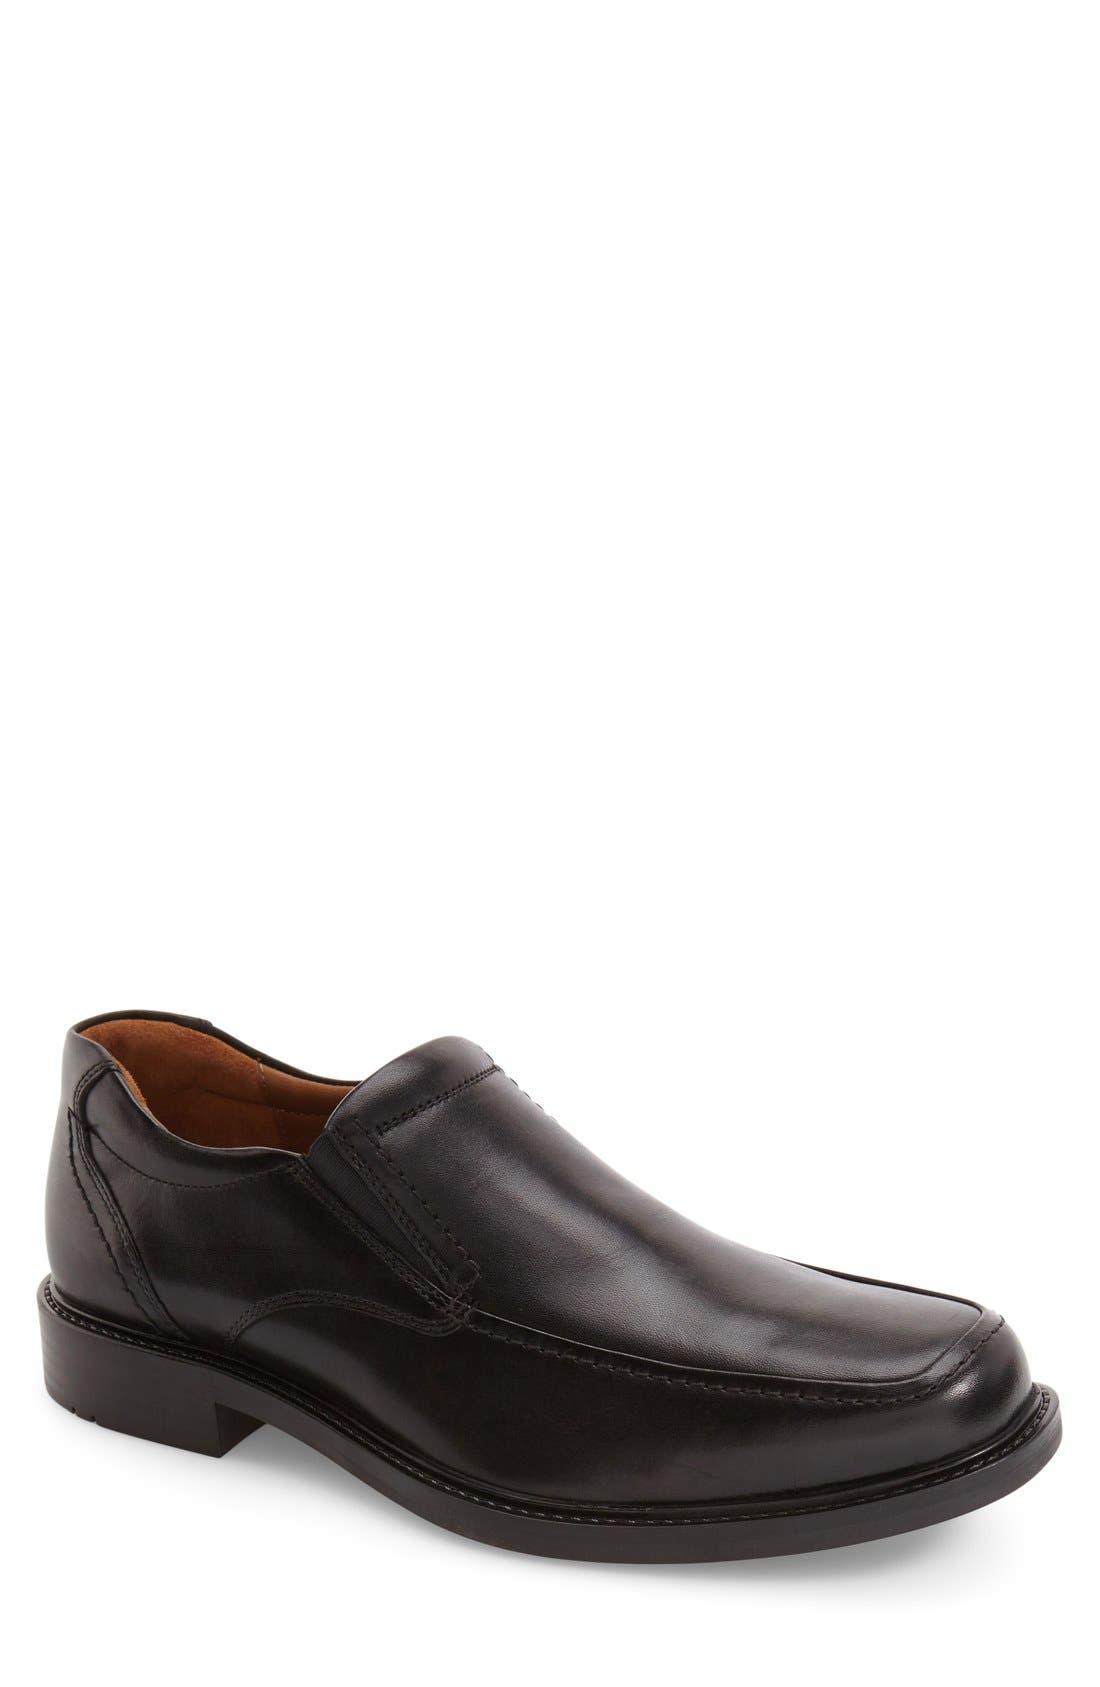 Johnston & Murphy Tabor Venetian Loafer (Men)